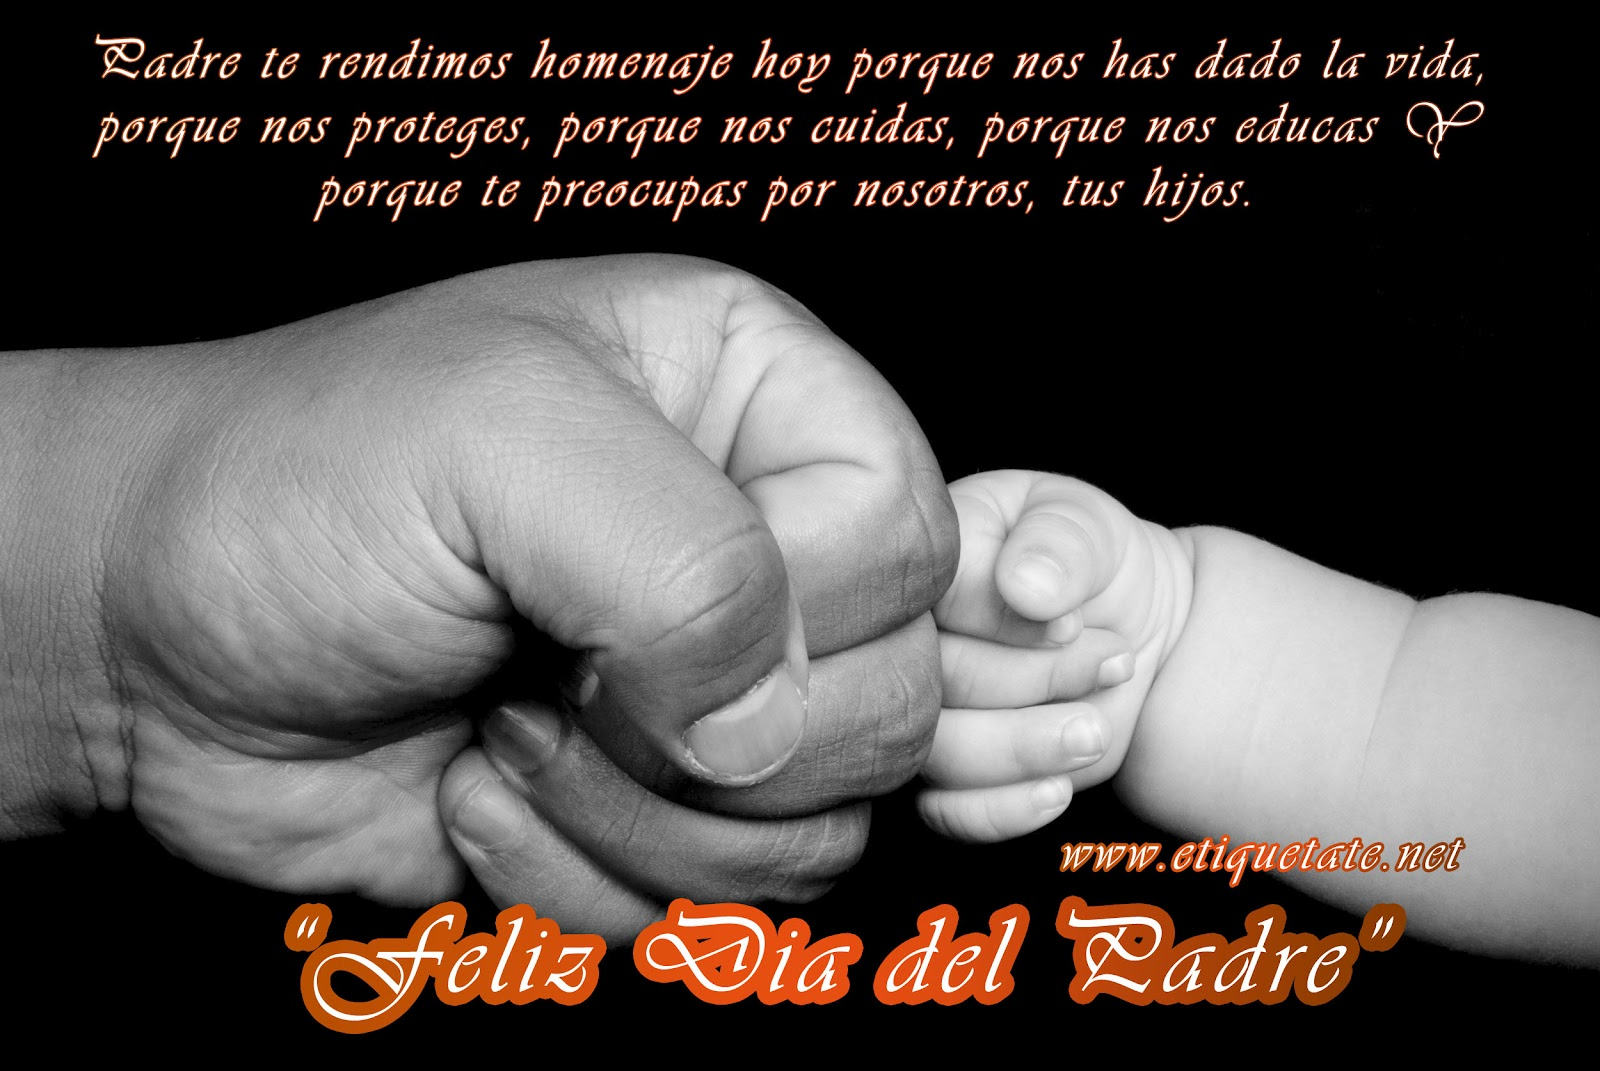 imagenes del dia del padre23 Imágenes del Día del Padre